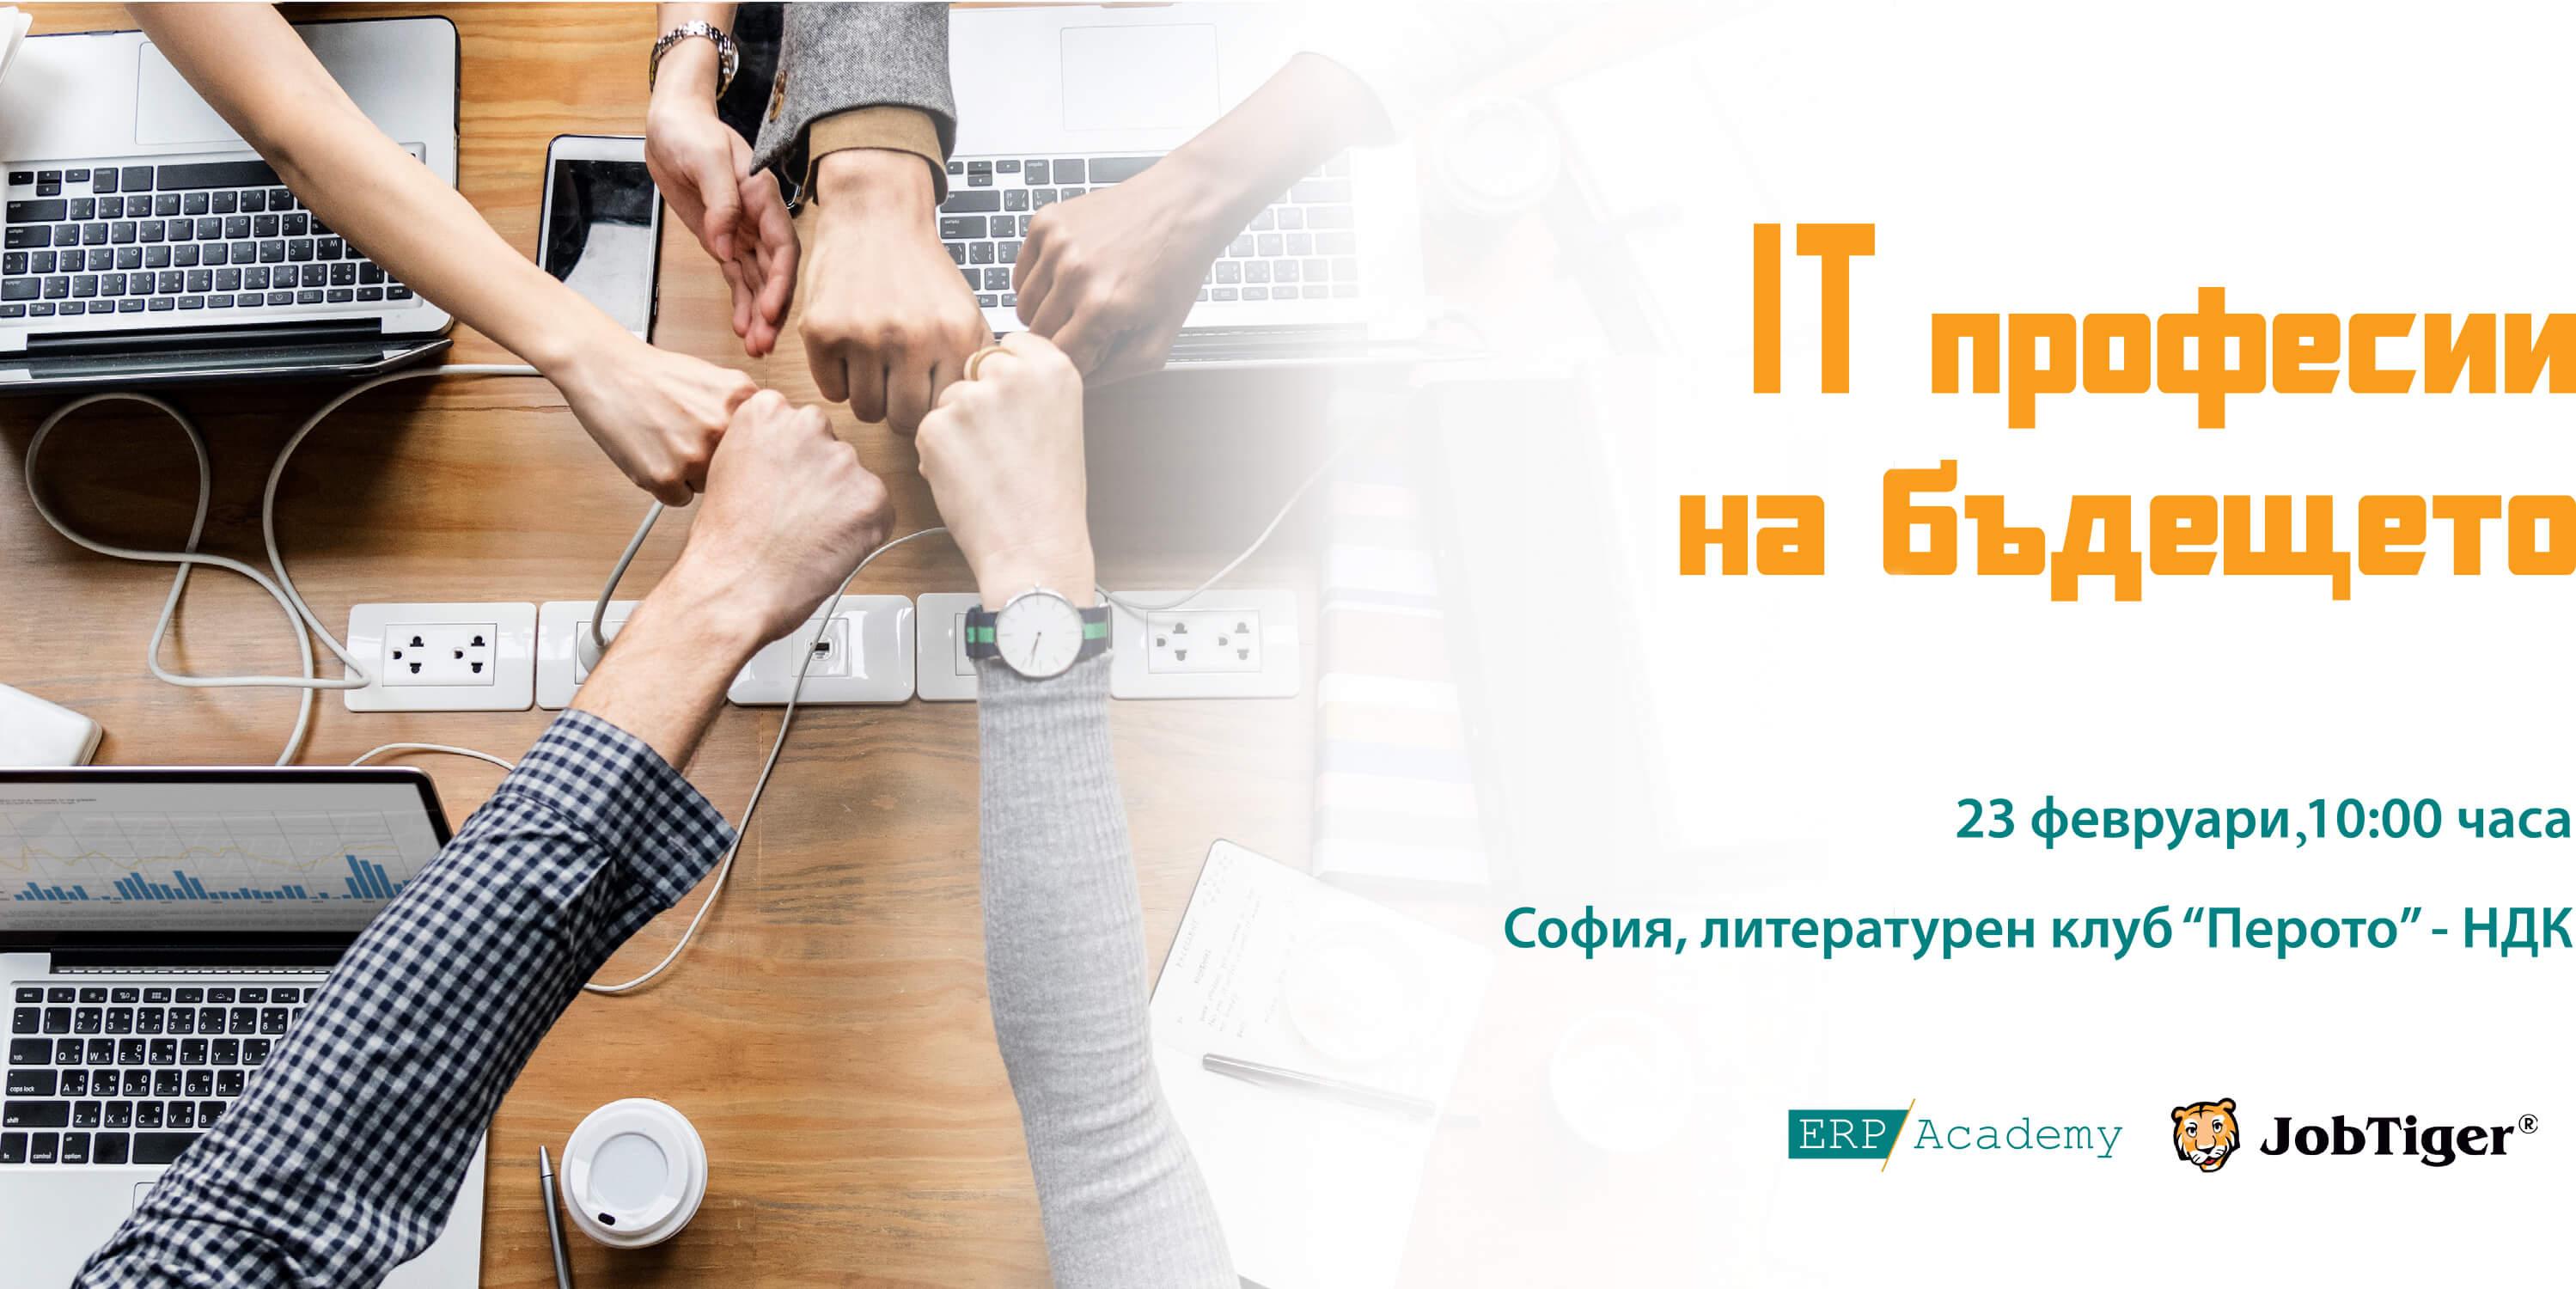 ИТ професиите на бъдещето представят ERP Academy и JobTiger